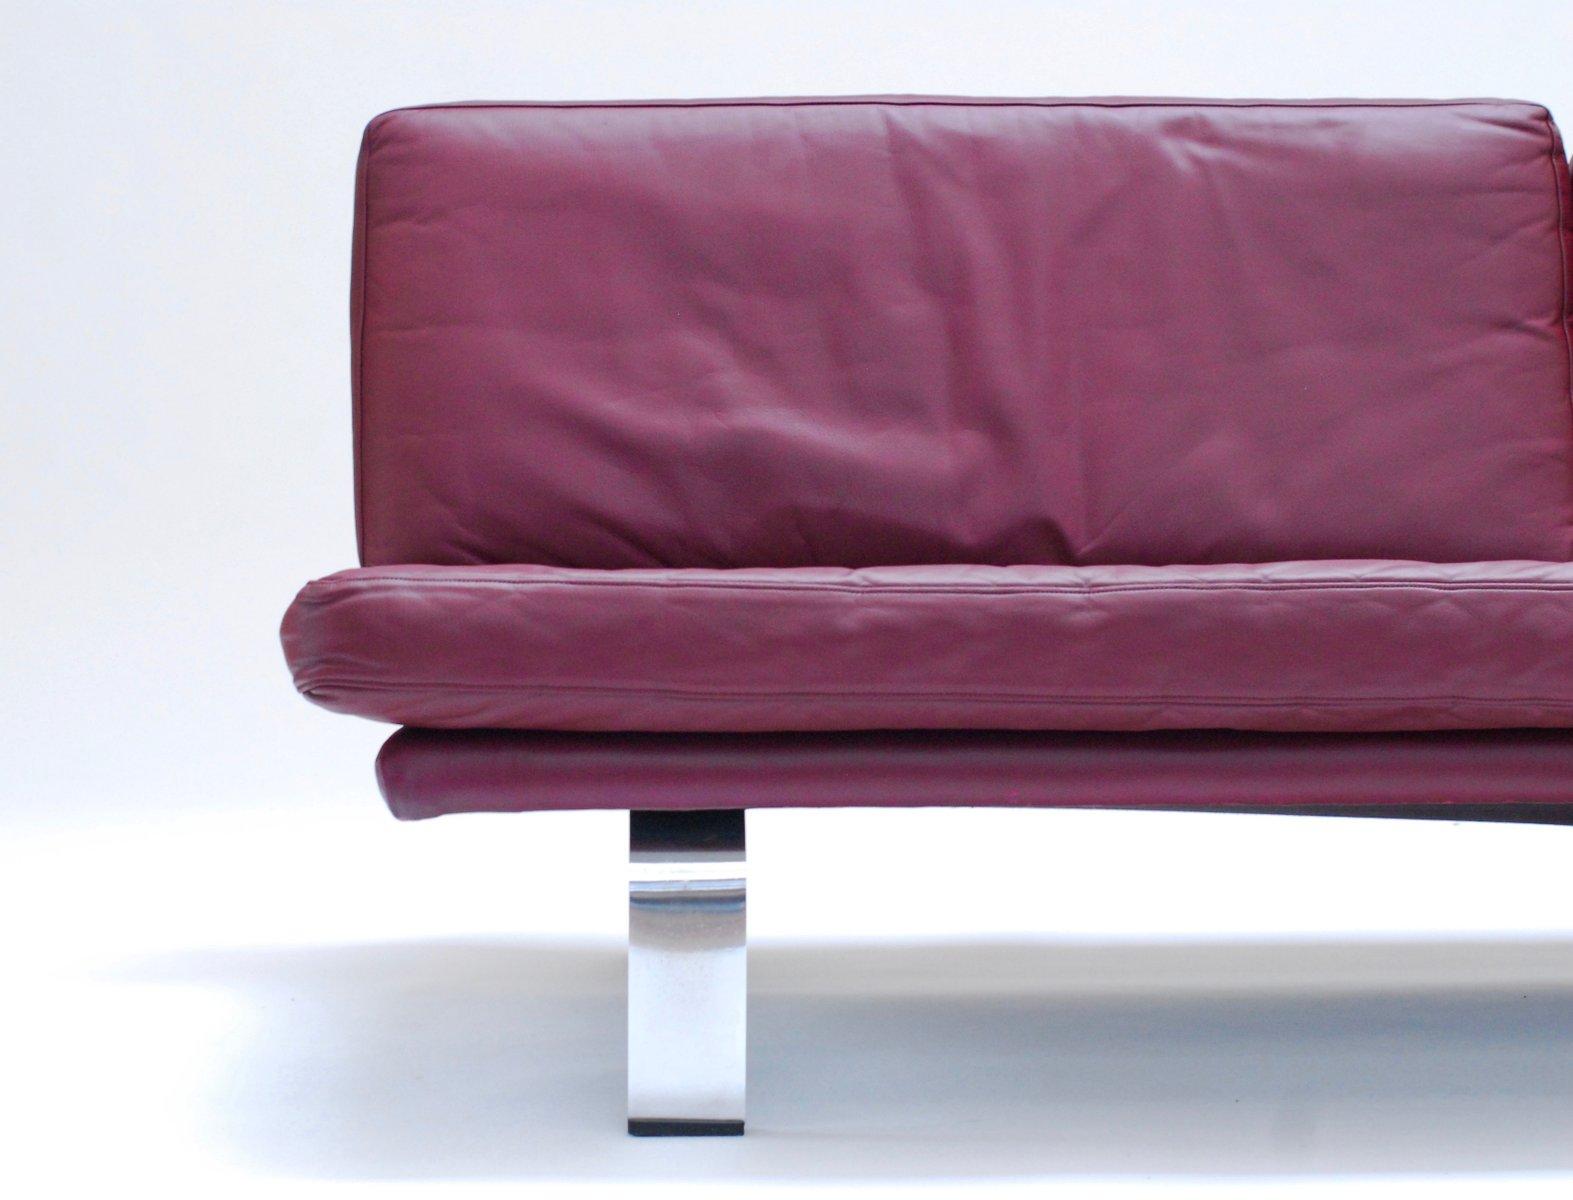 Plum sofa thesofa - Divano color prugna ...